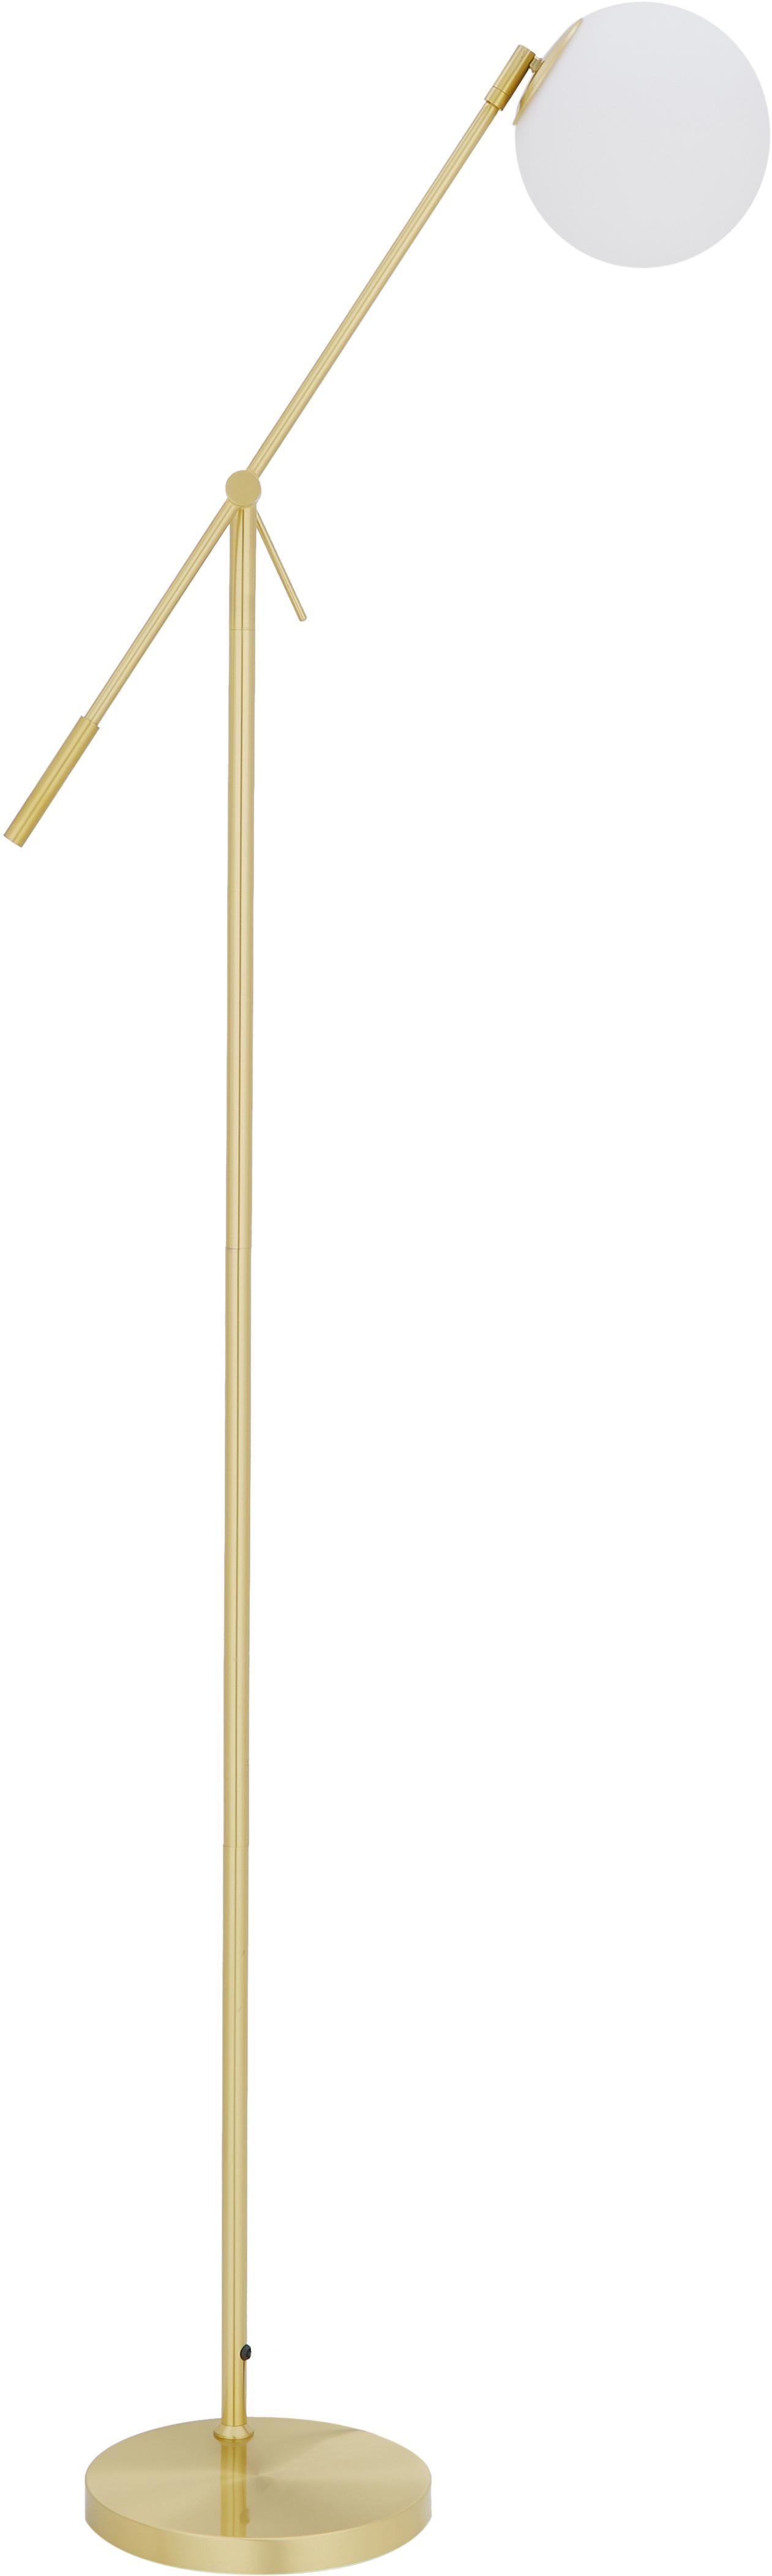 Stehleuchte Moon, Lampenschirm: Glas, Baldachin und Fassung: Messing, gebürstetLampenschirm: WeissKabel: Schwarz, Ø 17 x H 162 cm